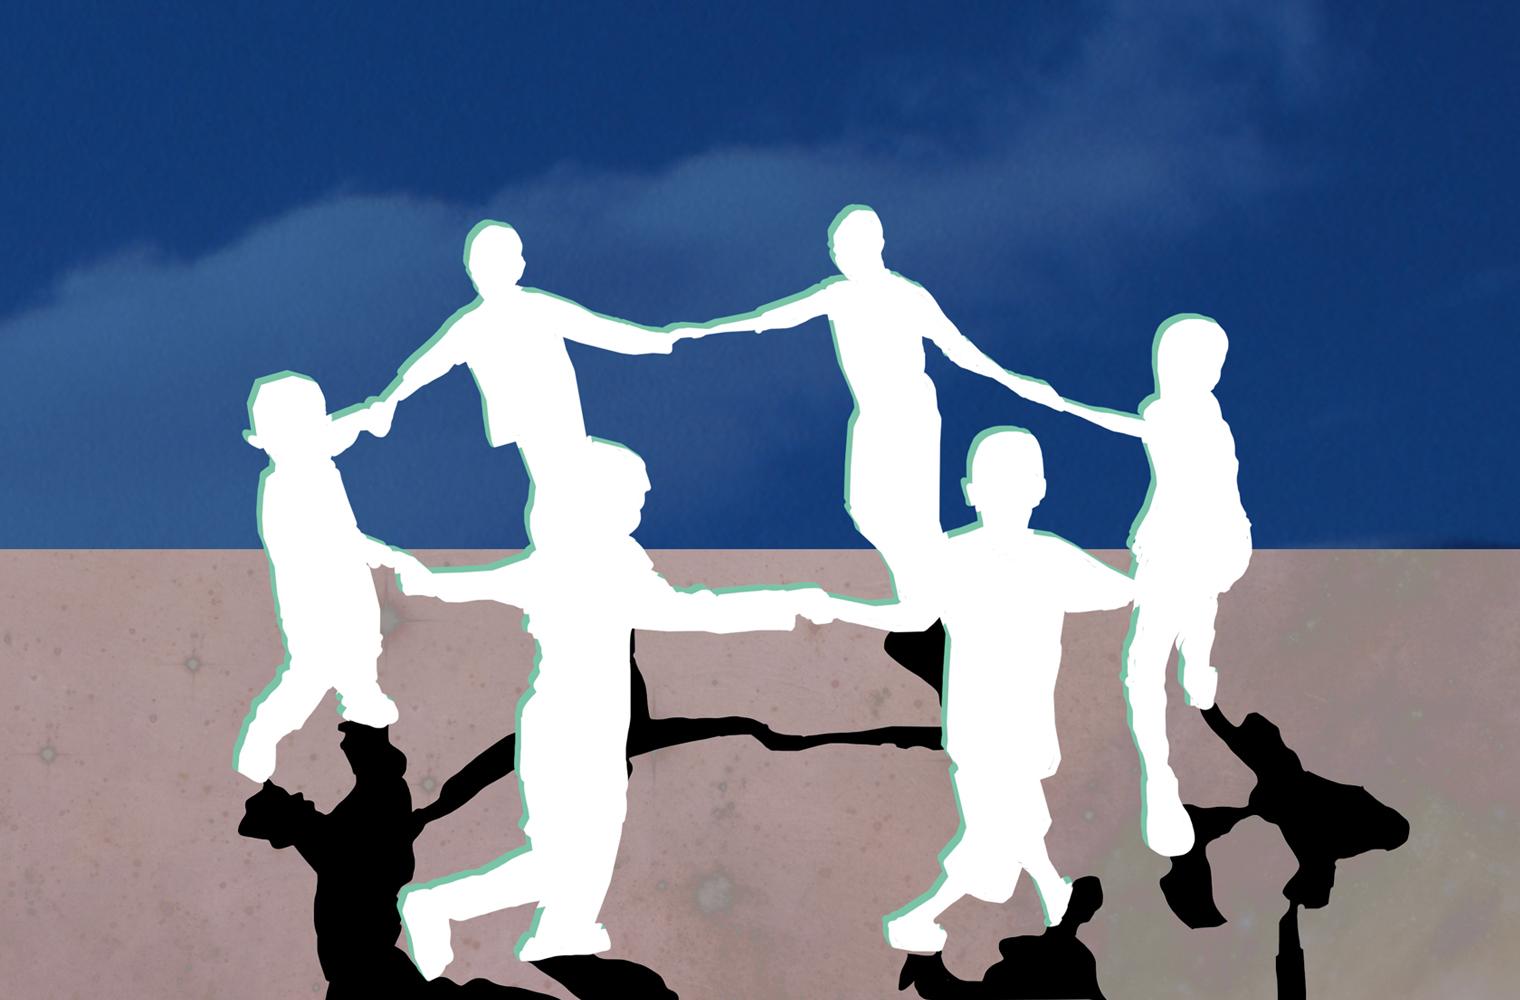 Stilisierte Ilustration: Sechs Kinder halten sich an den Händen und bilden einen Kreis. – Illustration: Eva-Maria Gugg